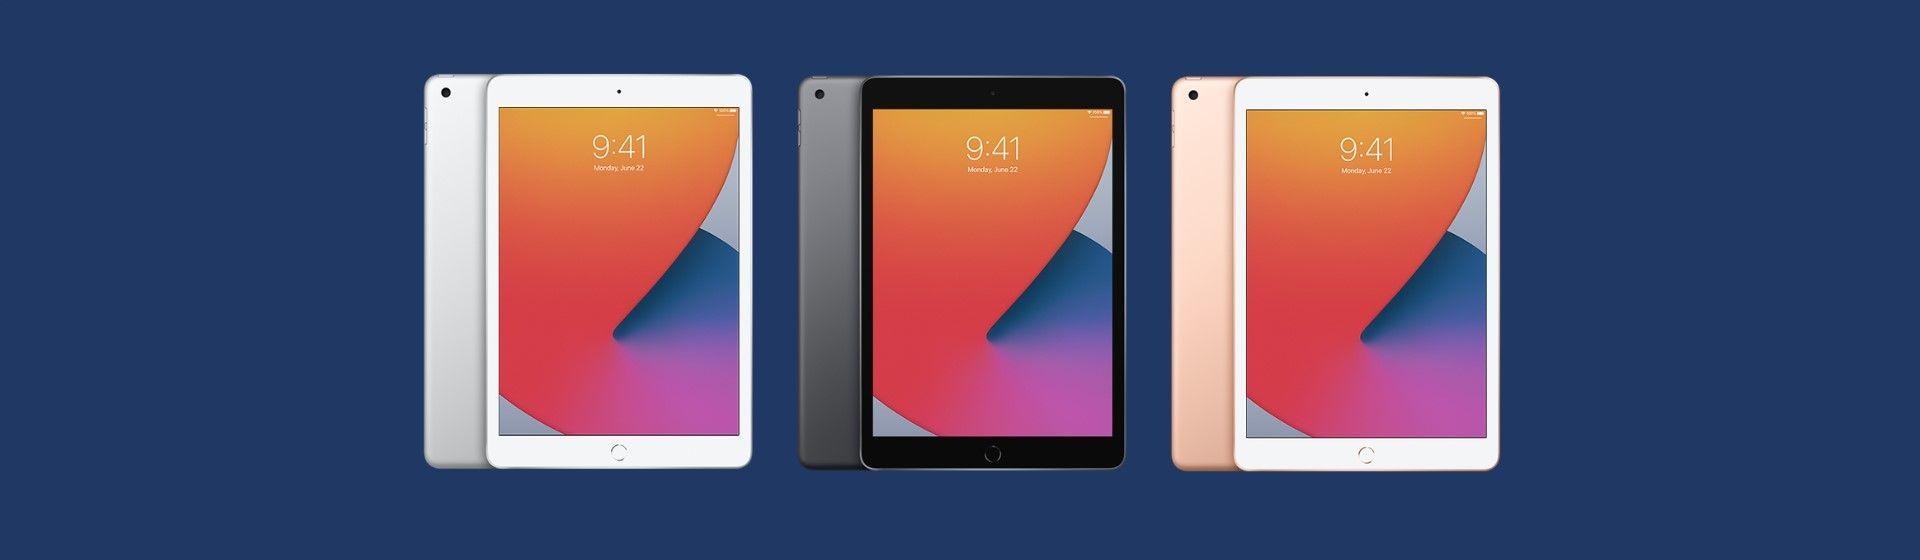 iPad 8ª geração é bom? Confira a análise de ficha técnica